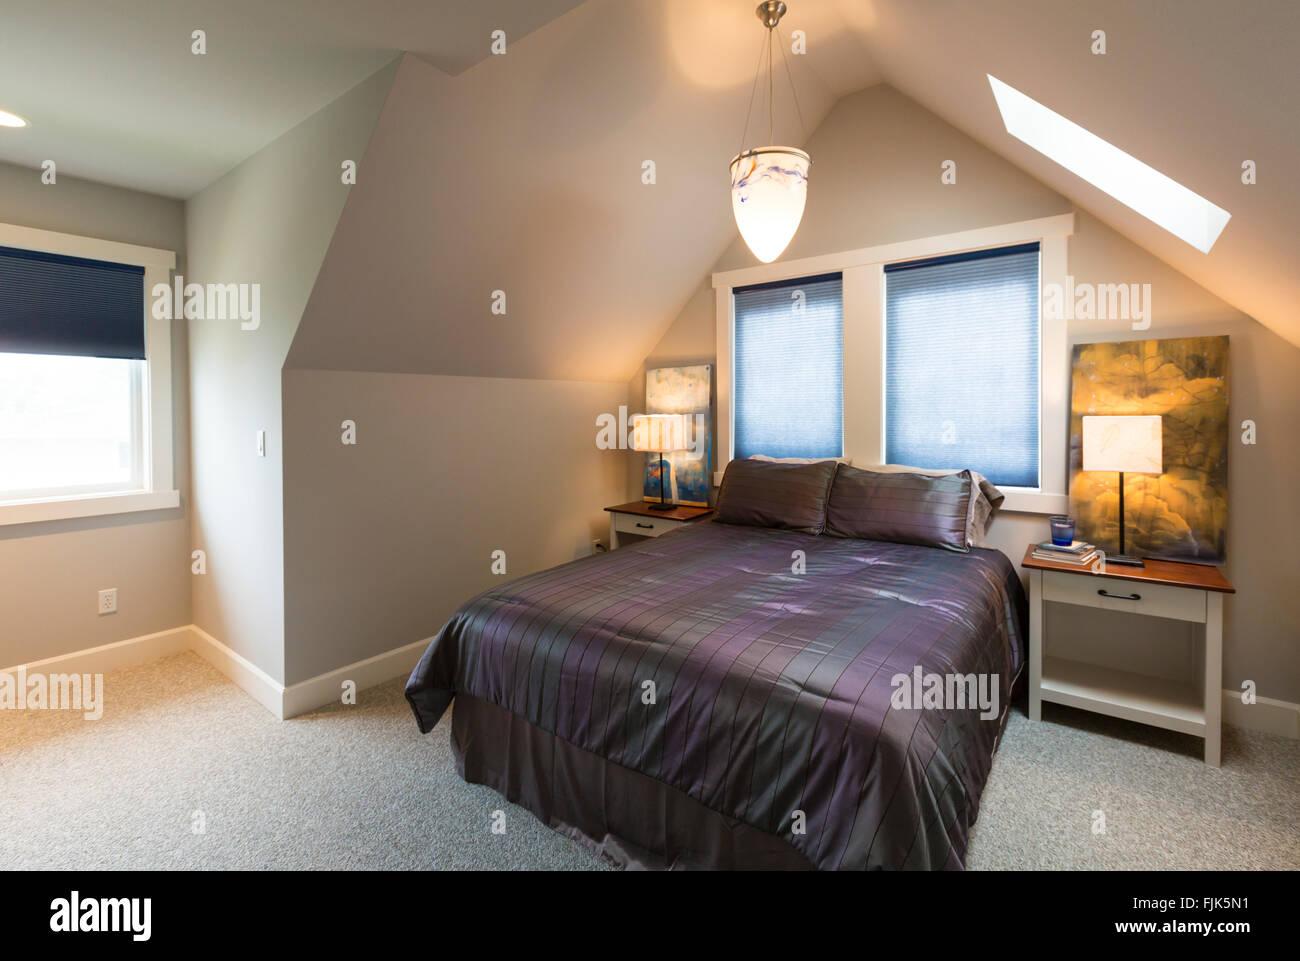 Schlafzimmer Mit Bett Nachttische Gewolbte Decke Fenster Mit Fenster Belage Artwork Und Akzentbeleuchtung In Gehobenen Hause Stockfotografie Alamy